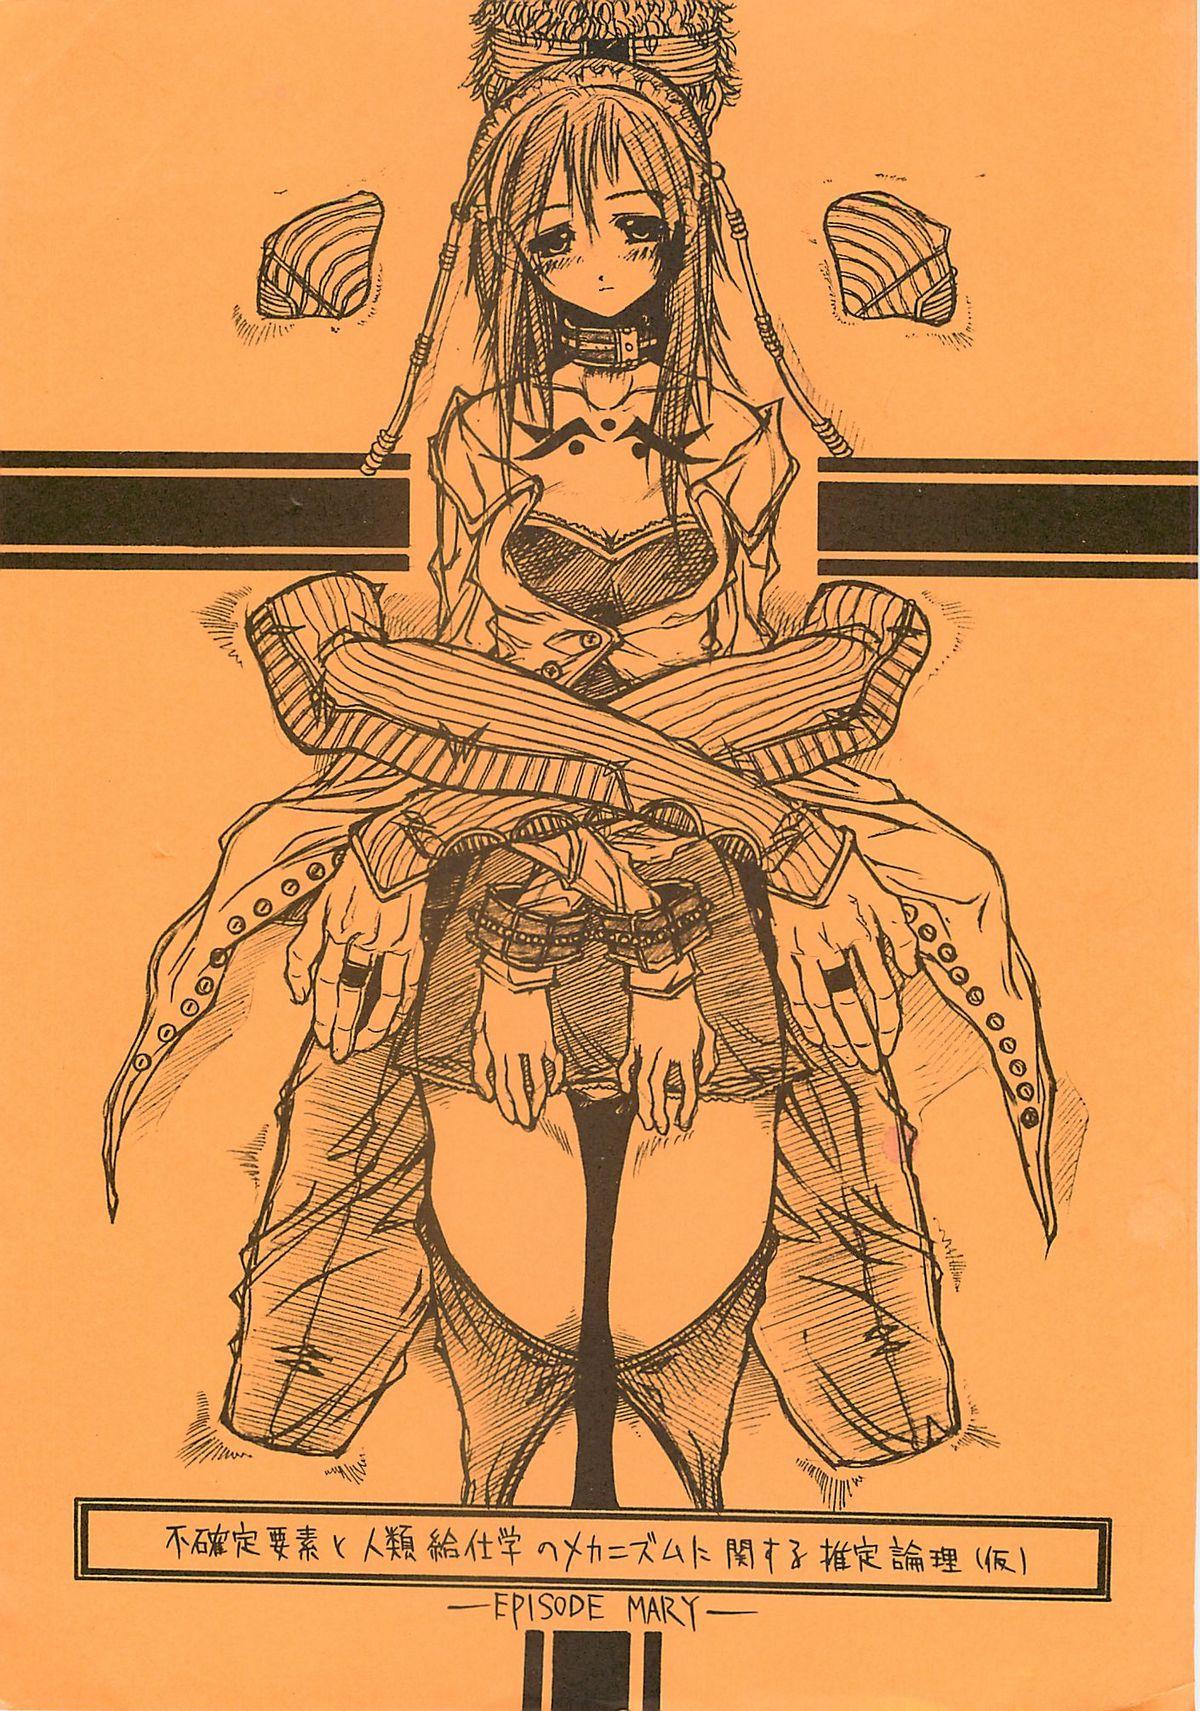 [Virgin Virus (Matsumi Jun)] Fukakutei Youso to Jinrui Kyuushi gaku no Mechanism ni kansuru Suitei Ronri (Kari) EPISODE MARY [5th Edition] 0